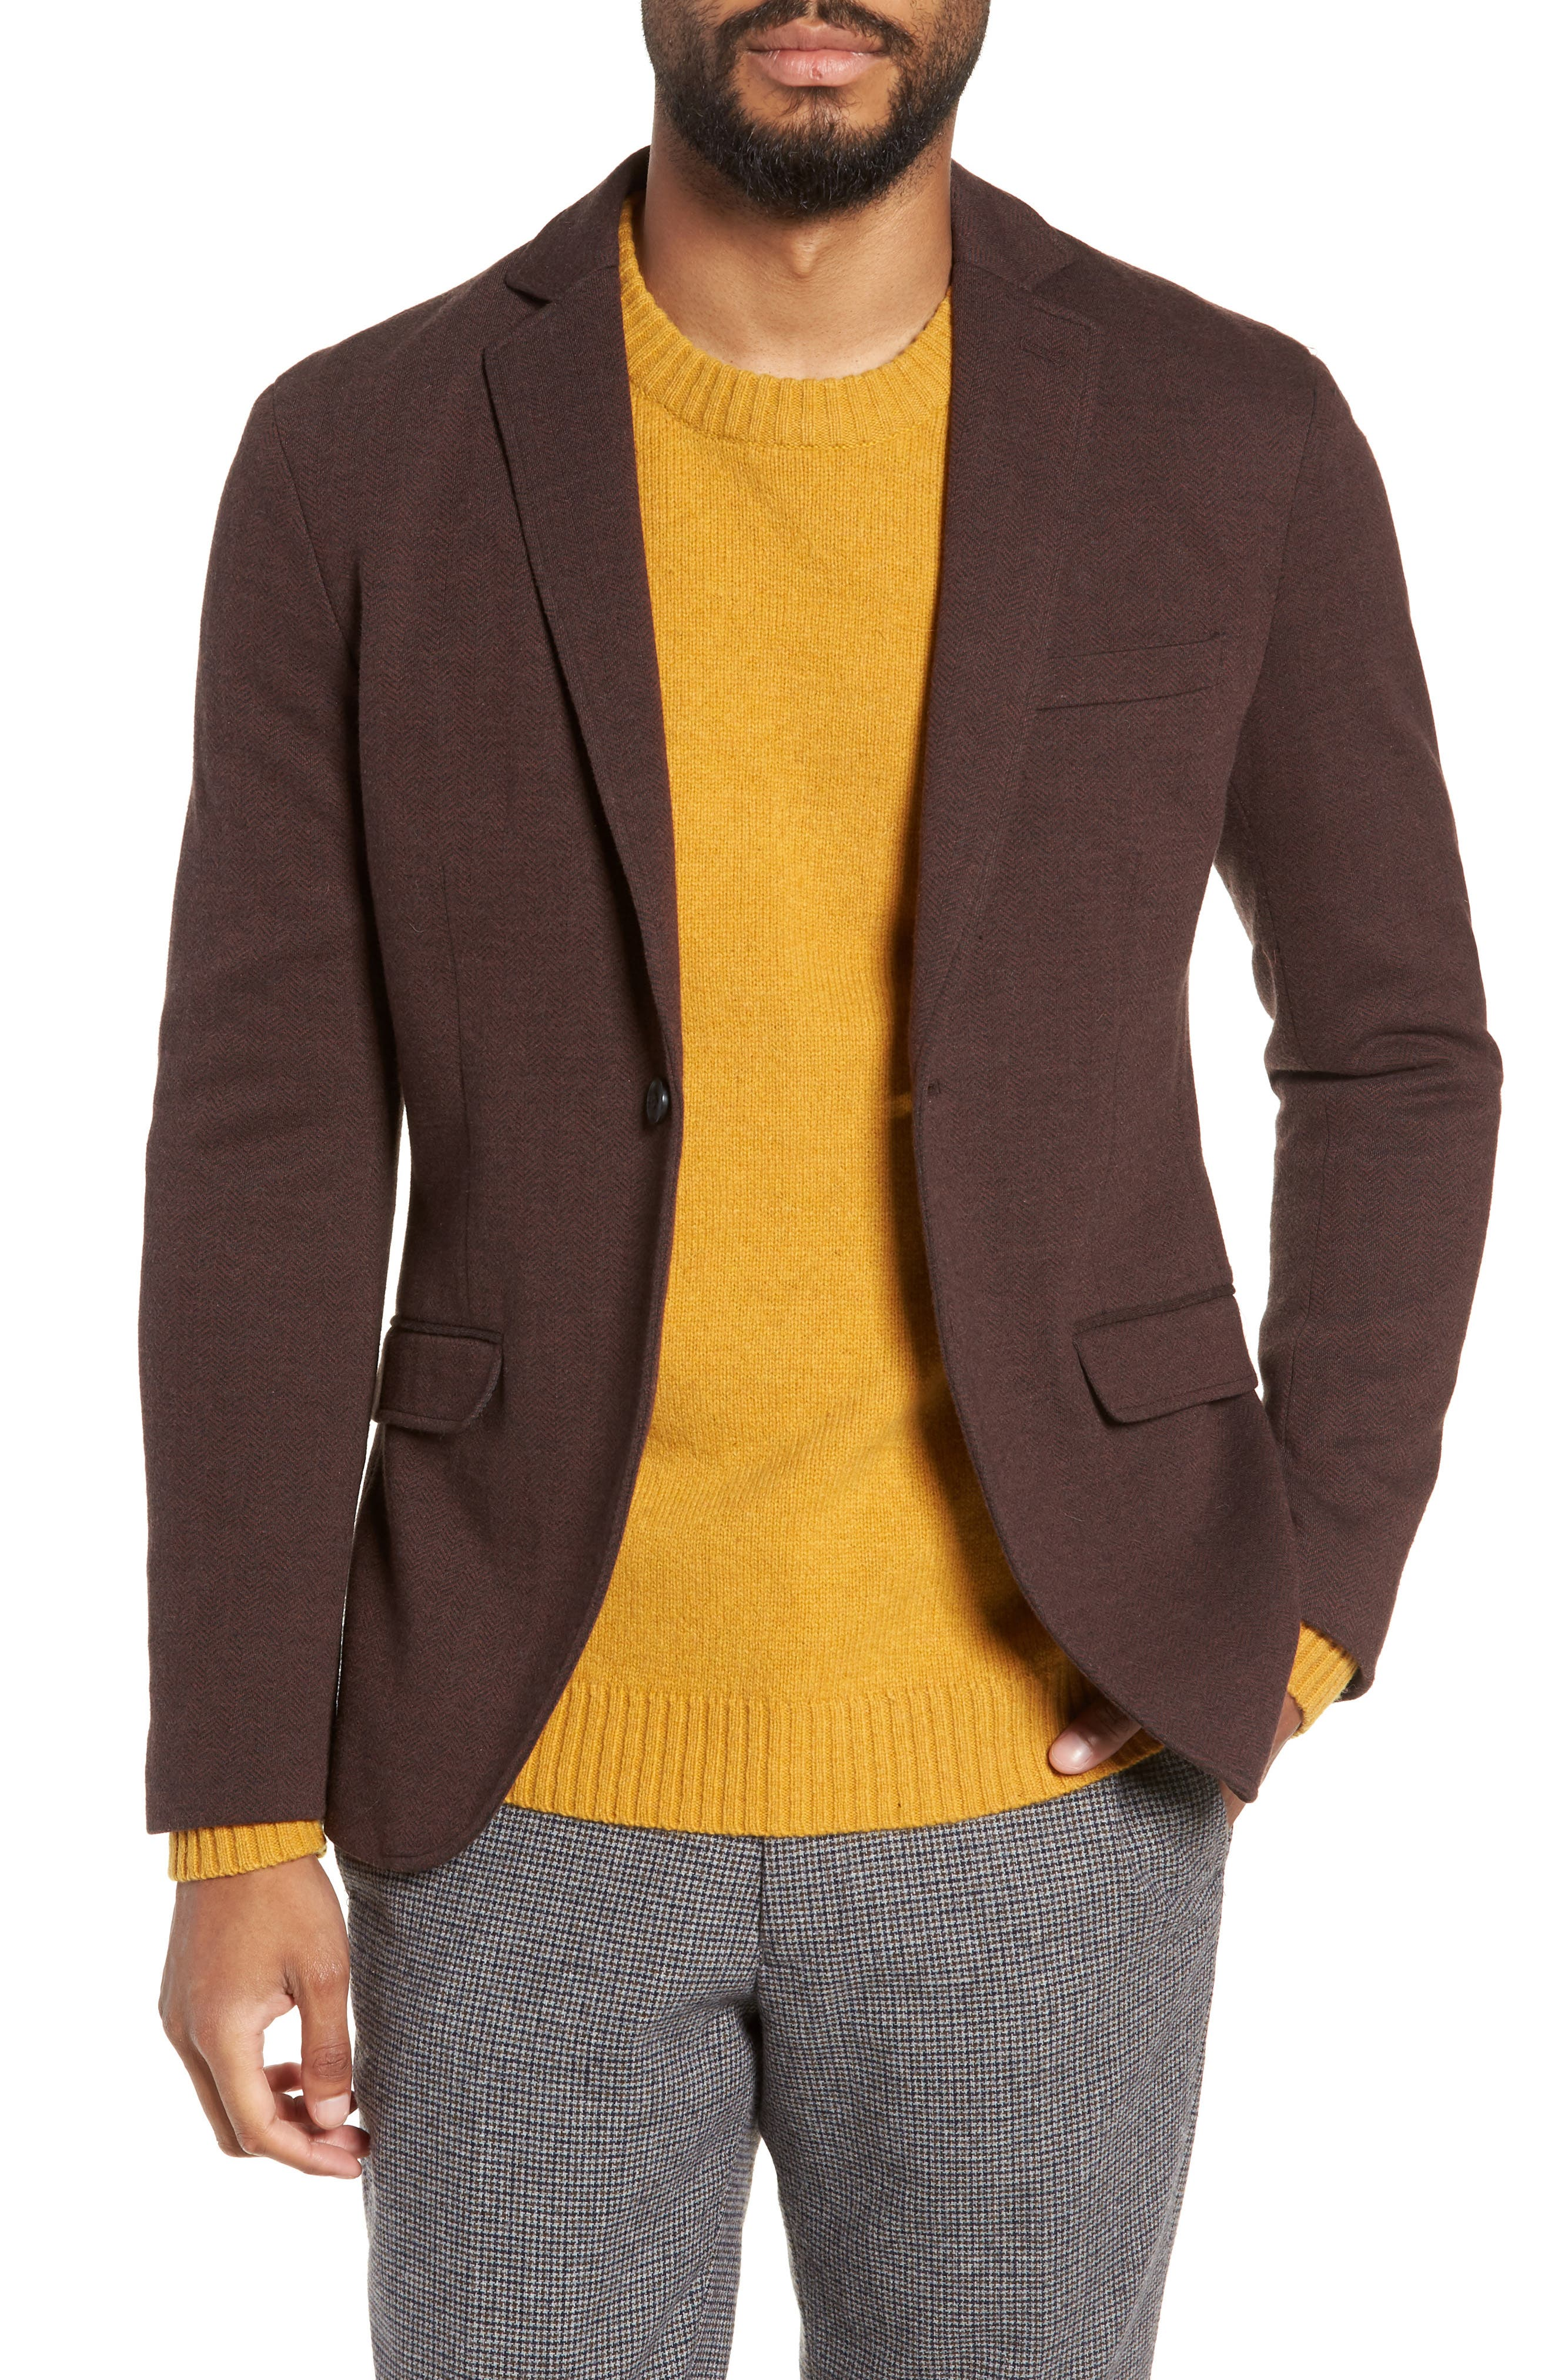 Herrold Slim Fit Herringbone Jersey Sport Coat,                             Main thumbnail 1, color,                             205